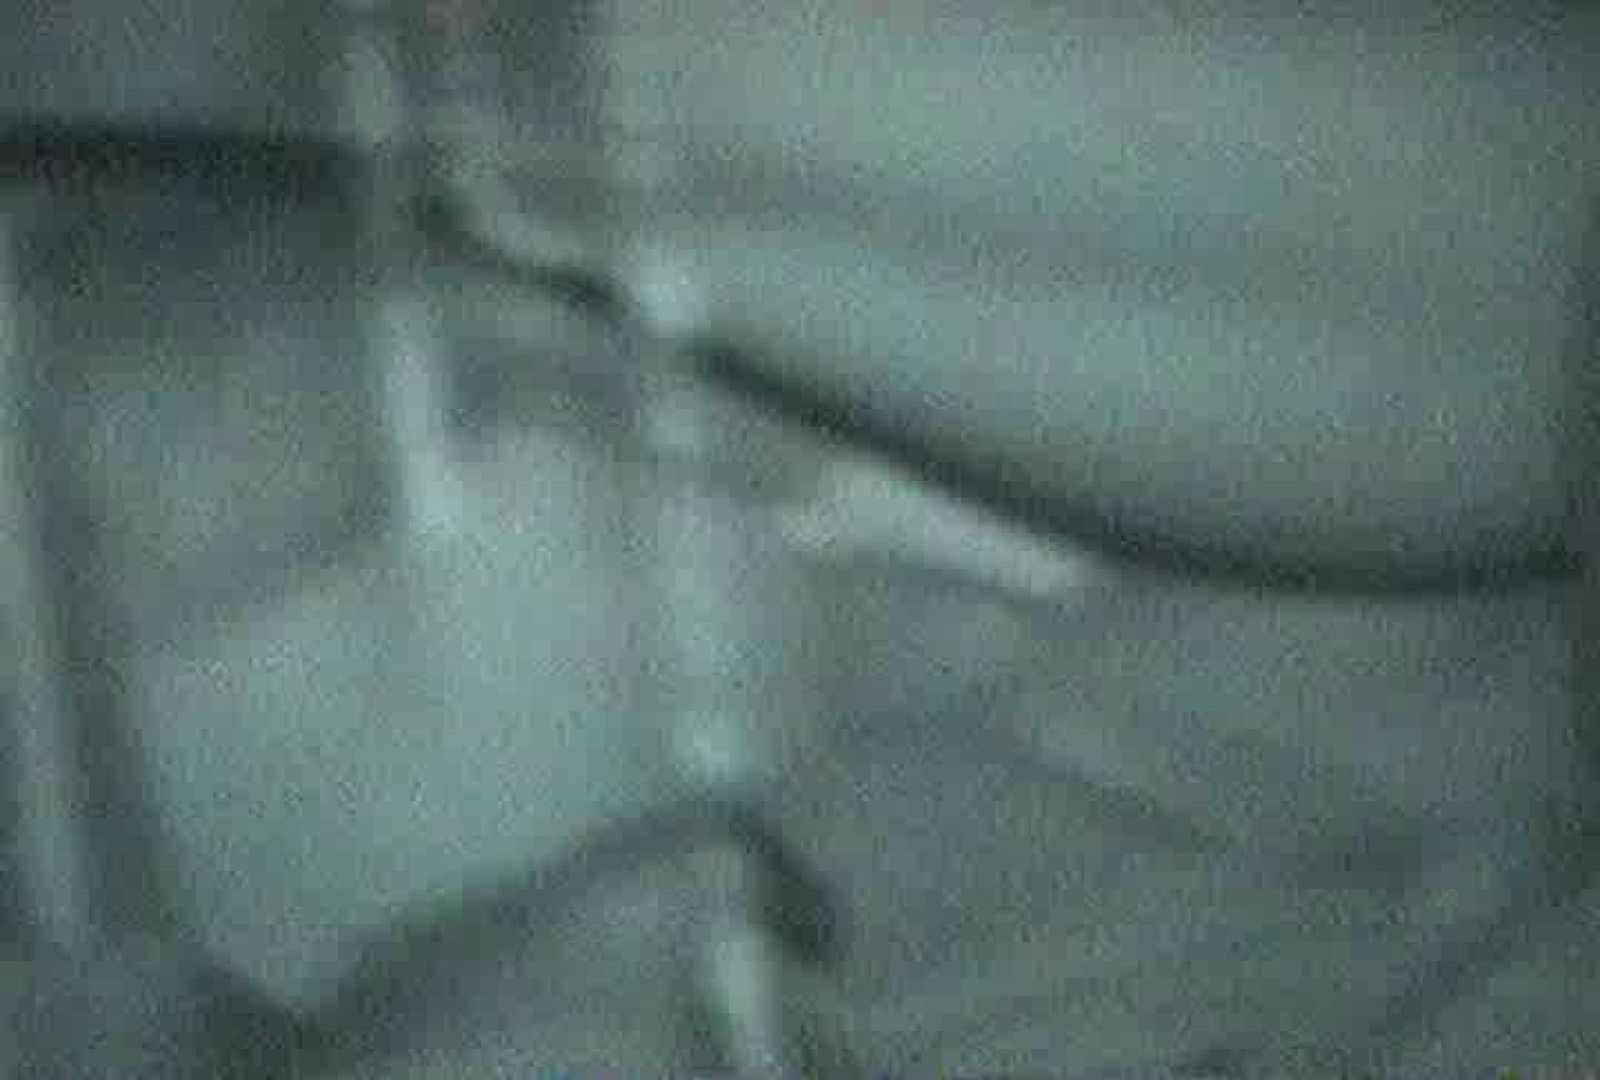 充血監督の深夜の運動会Vol.48 アナル無修正 すけべAV動画紹介 95pic 29